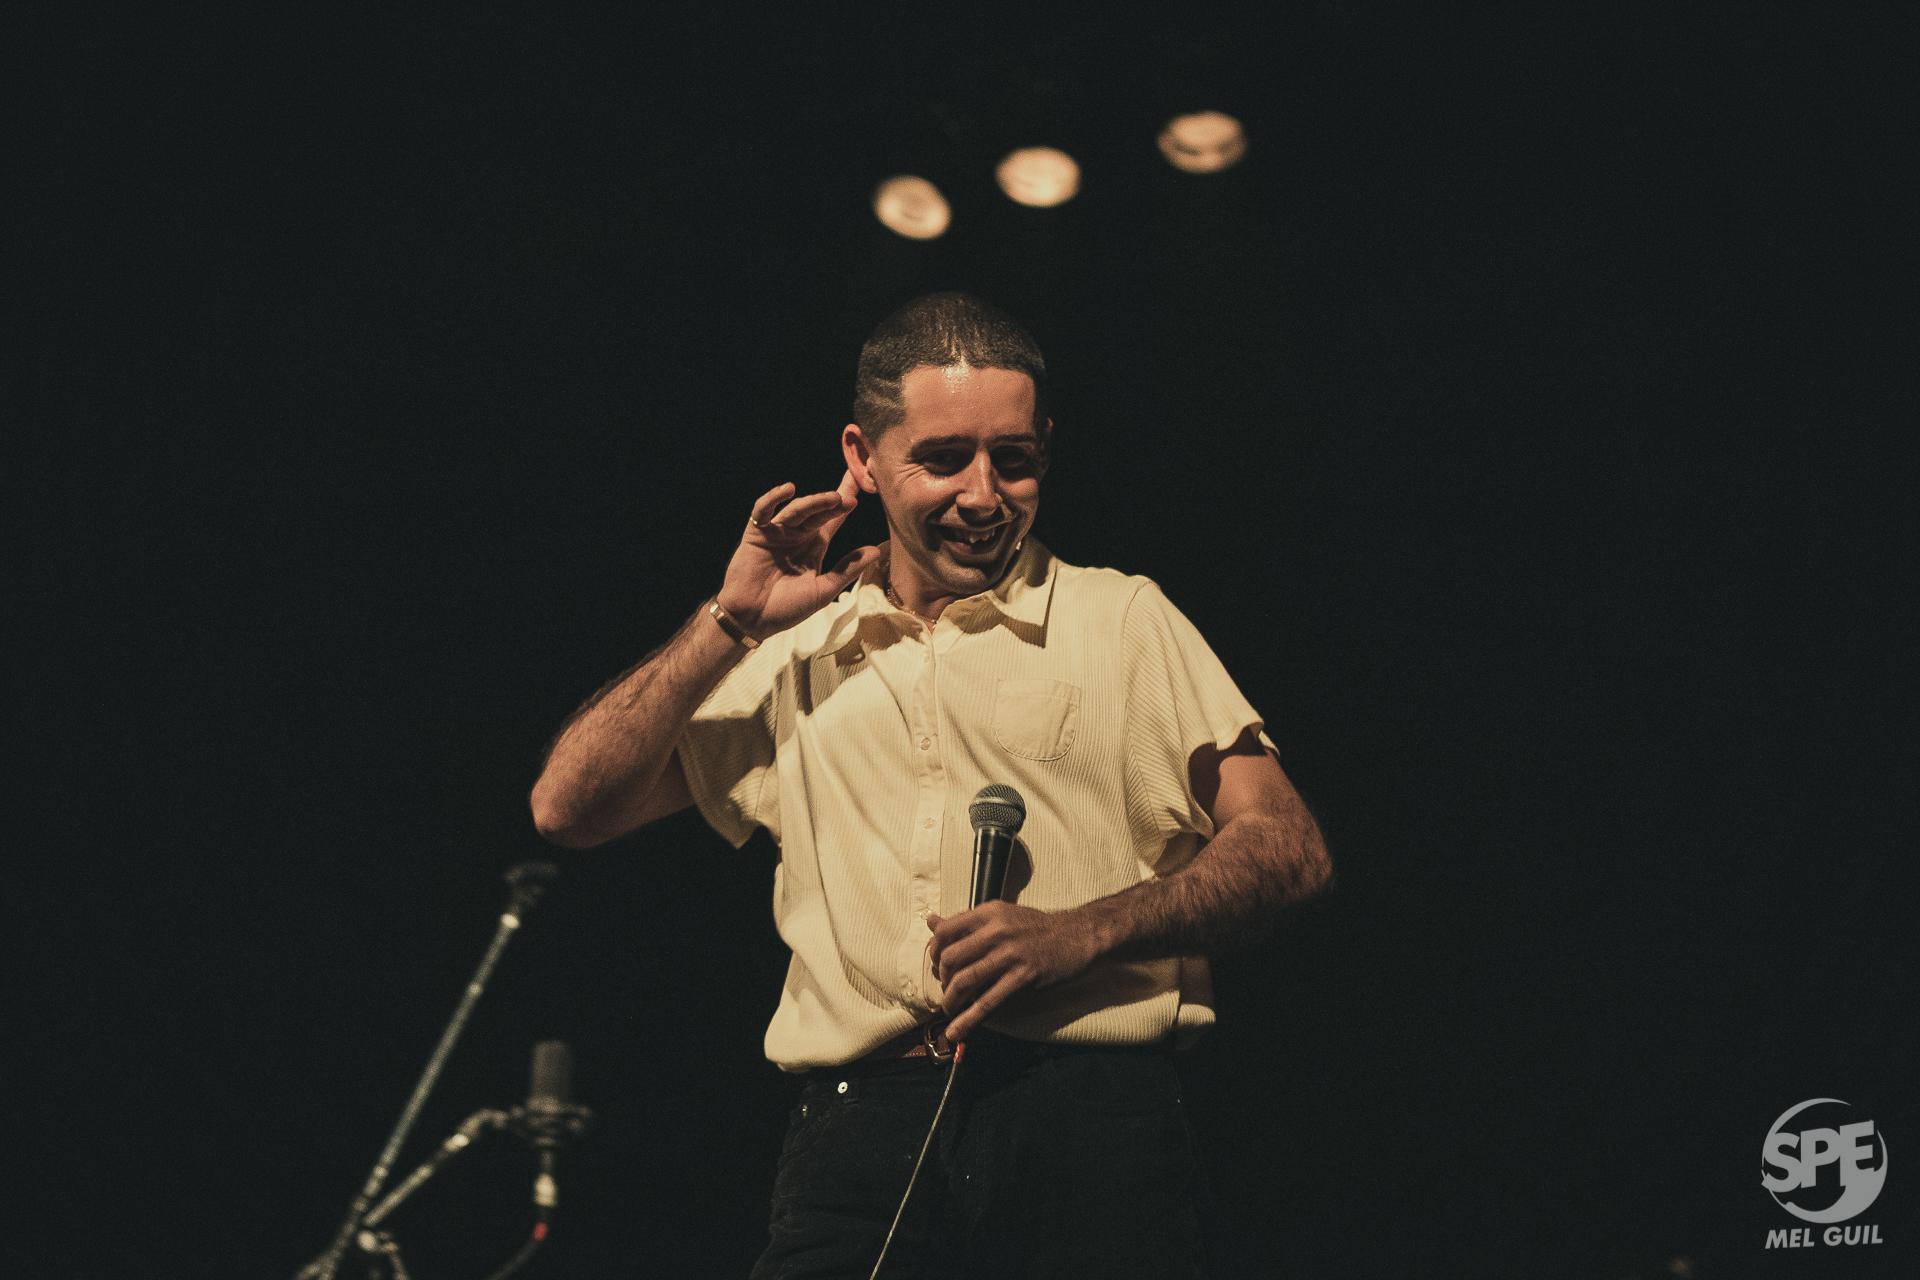 Juan Wauters, cantautor úruguayo, durante su show en el Teatro Xirgu (untref) úbicado en Buenos Aires, el dia Viernes 5 de agosto de 2019. 5 de agosto de 2019. Foto de: Melanie Guil.